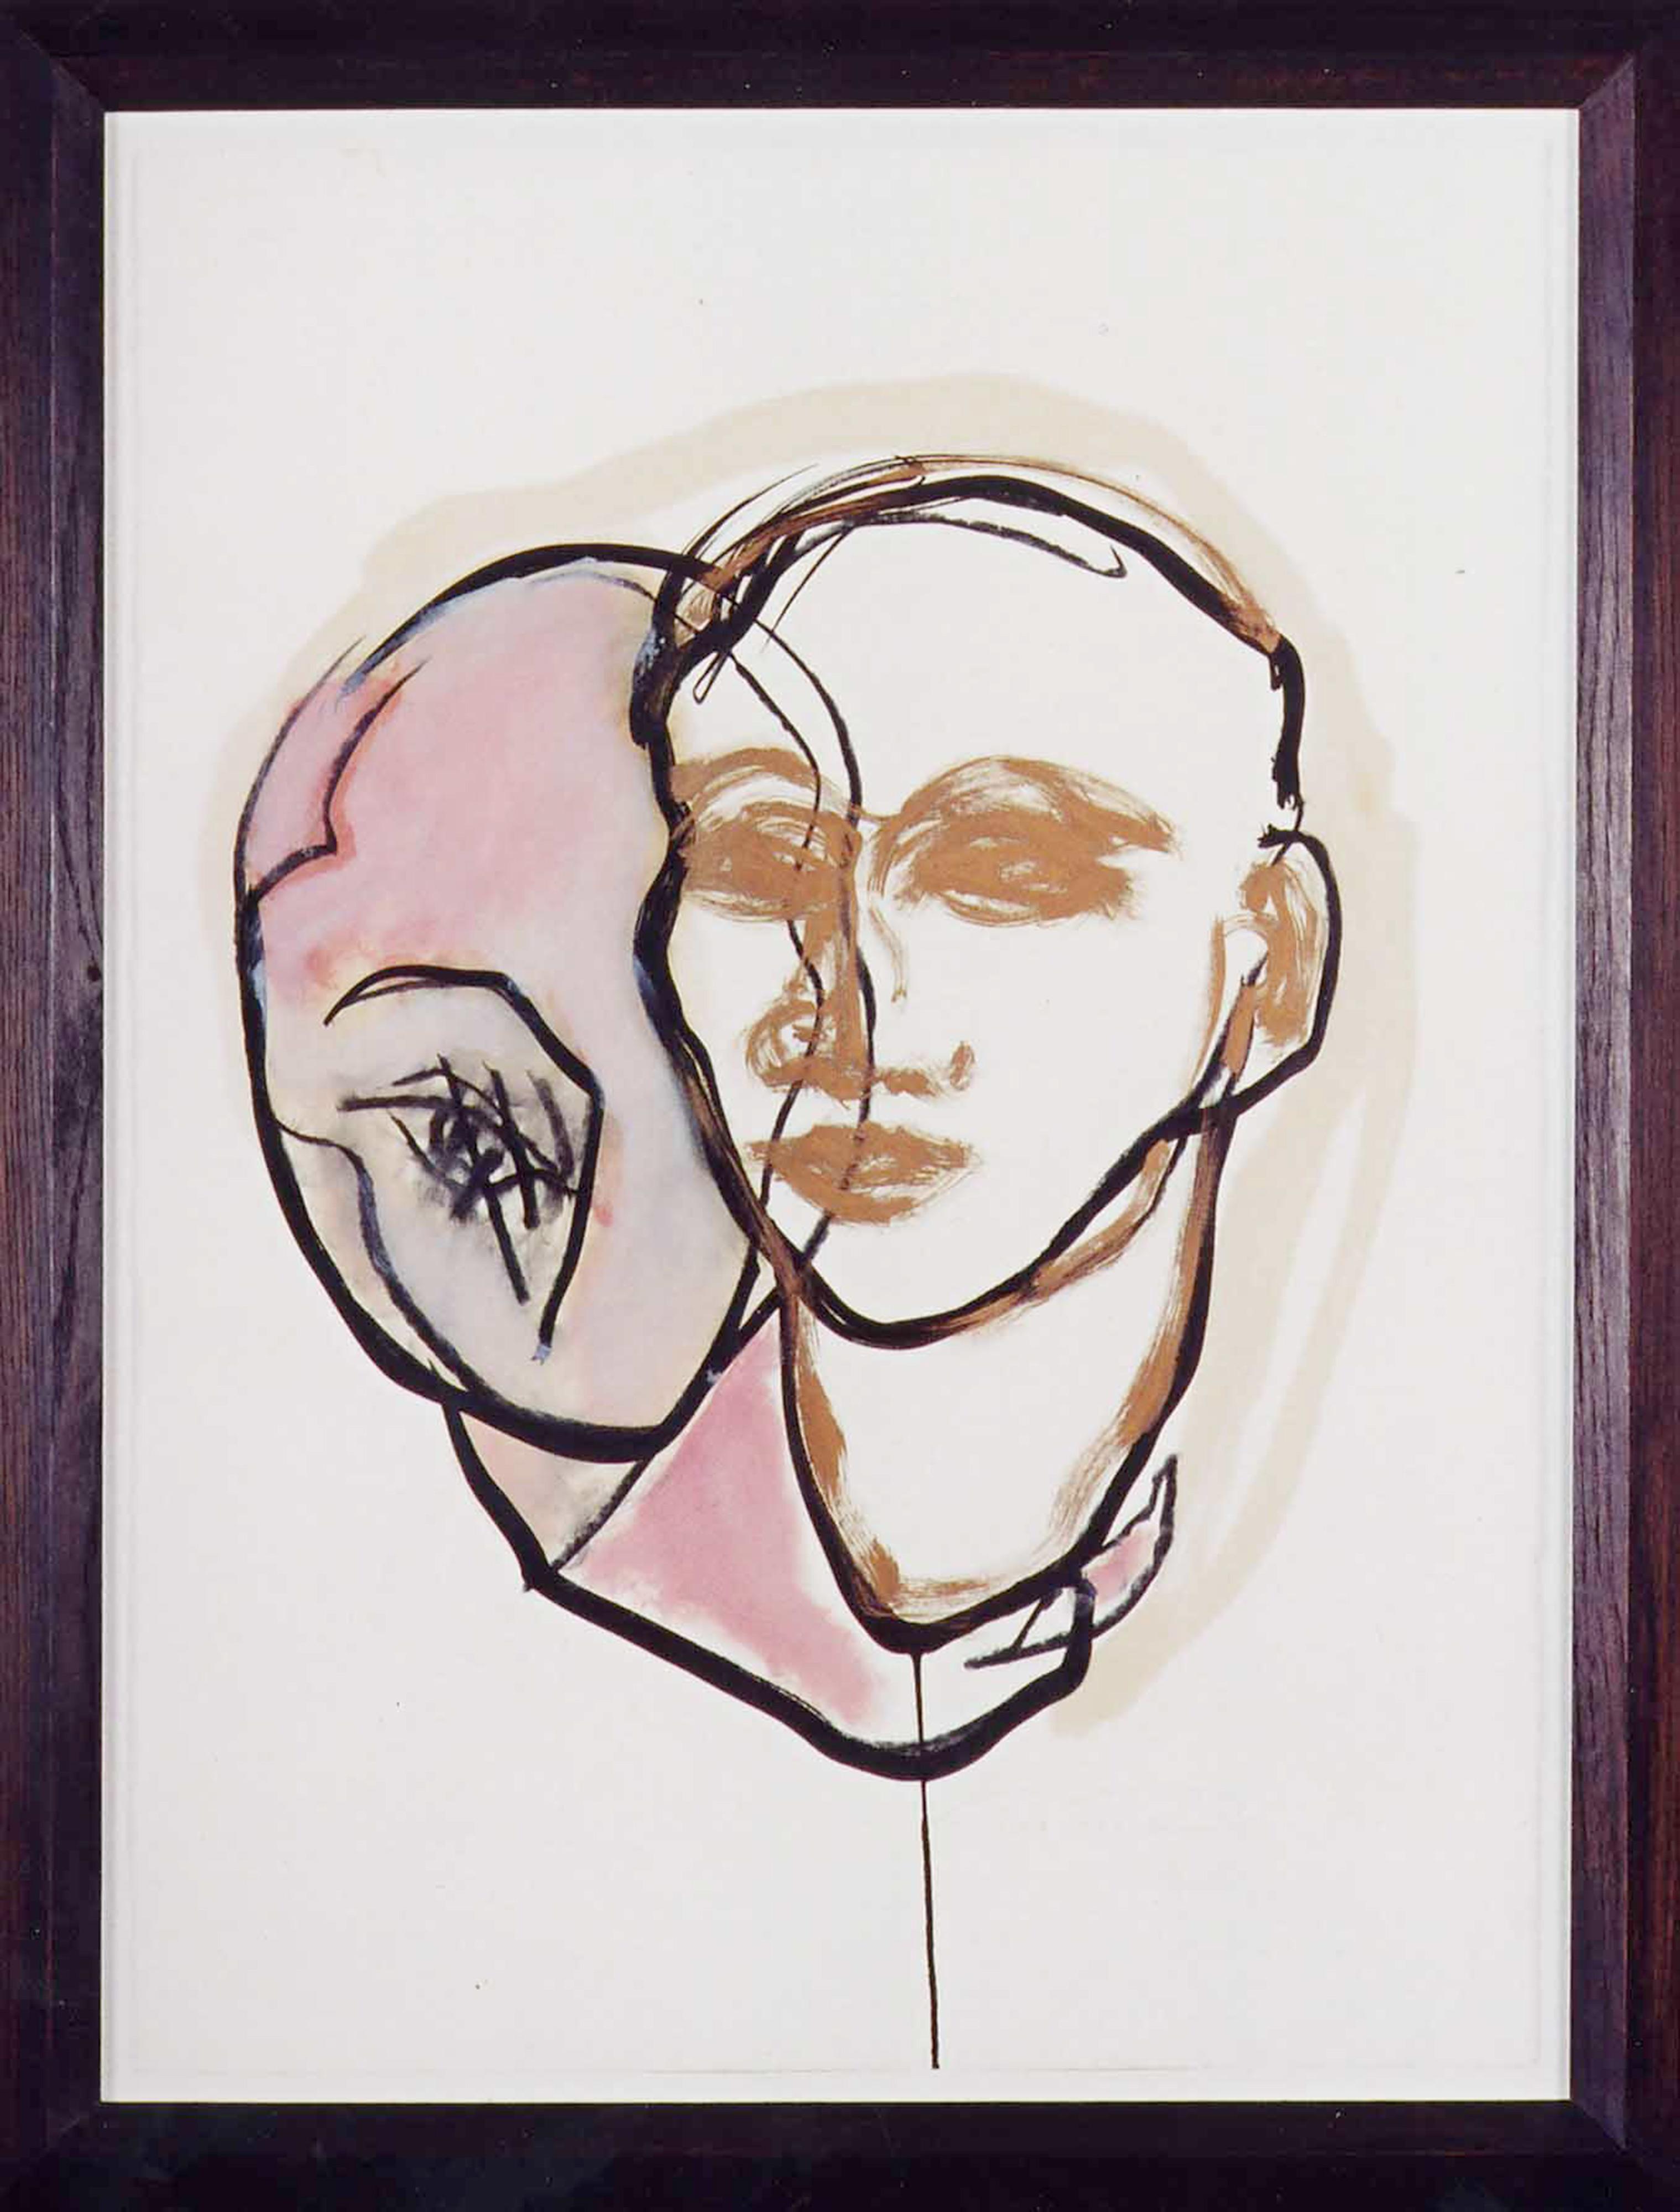 DECREME_Portrait-circulaire_Huile-pigments-et-encre-sur-papier_56x76_2004